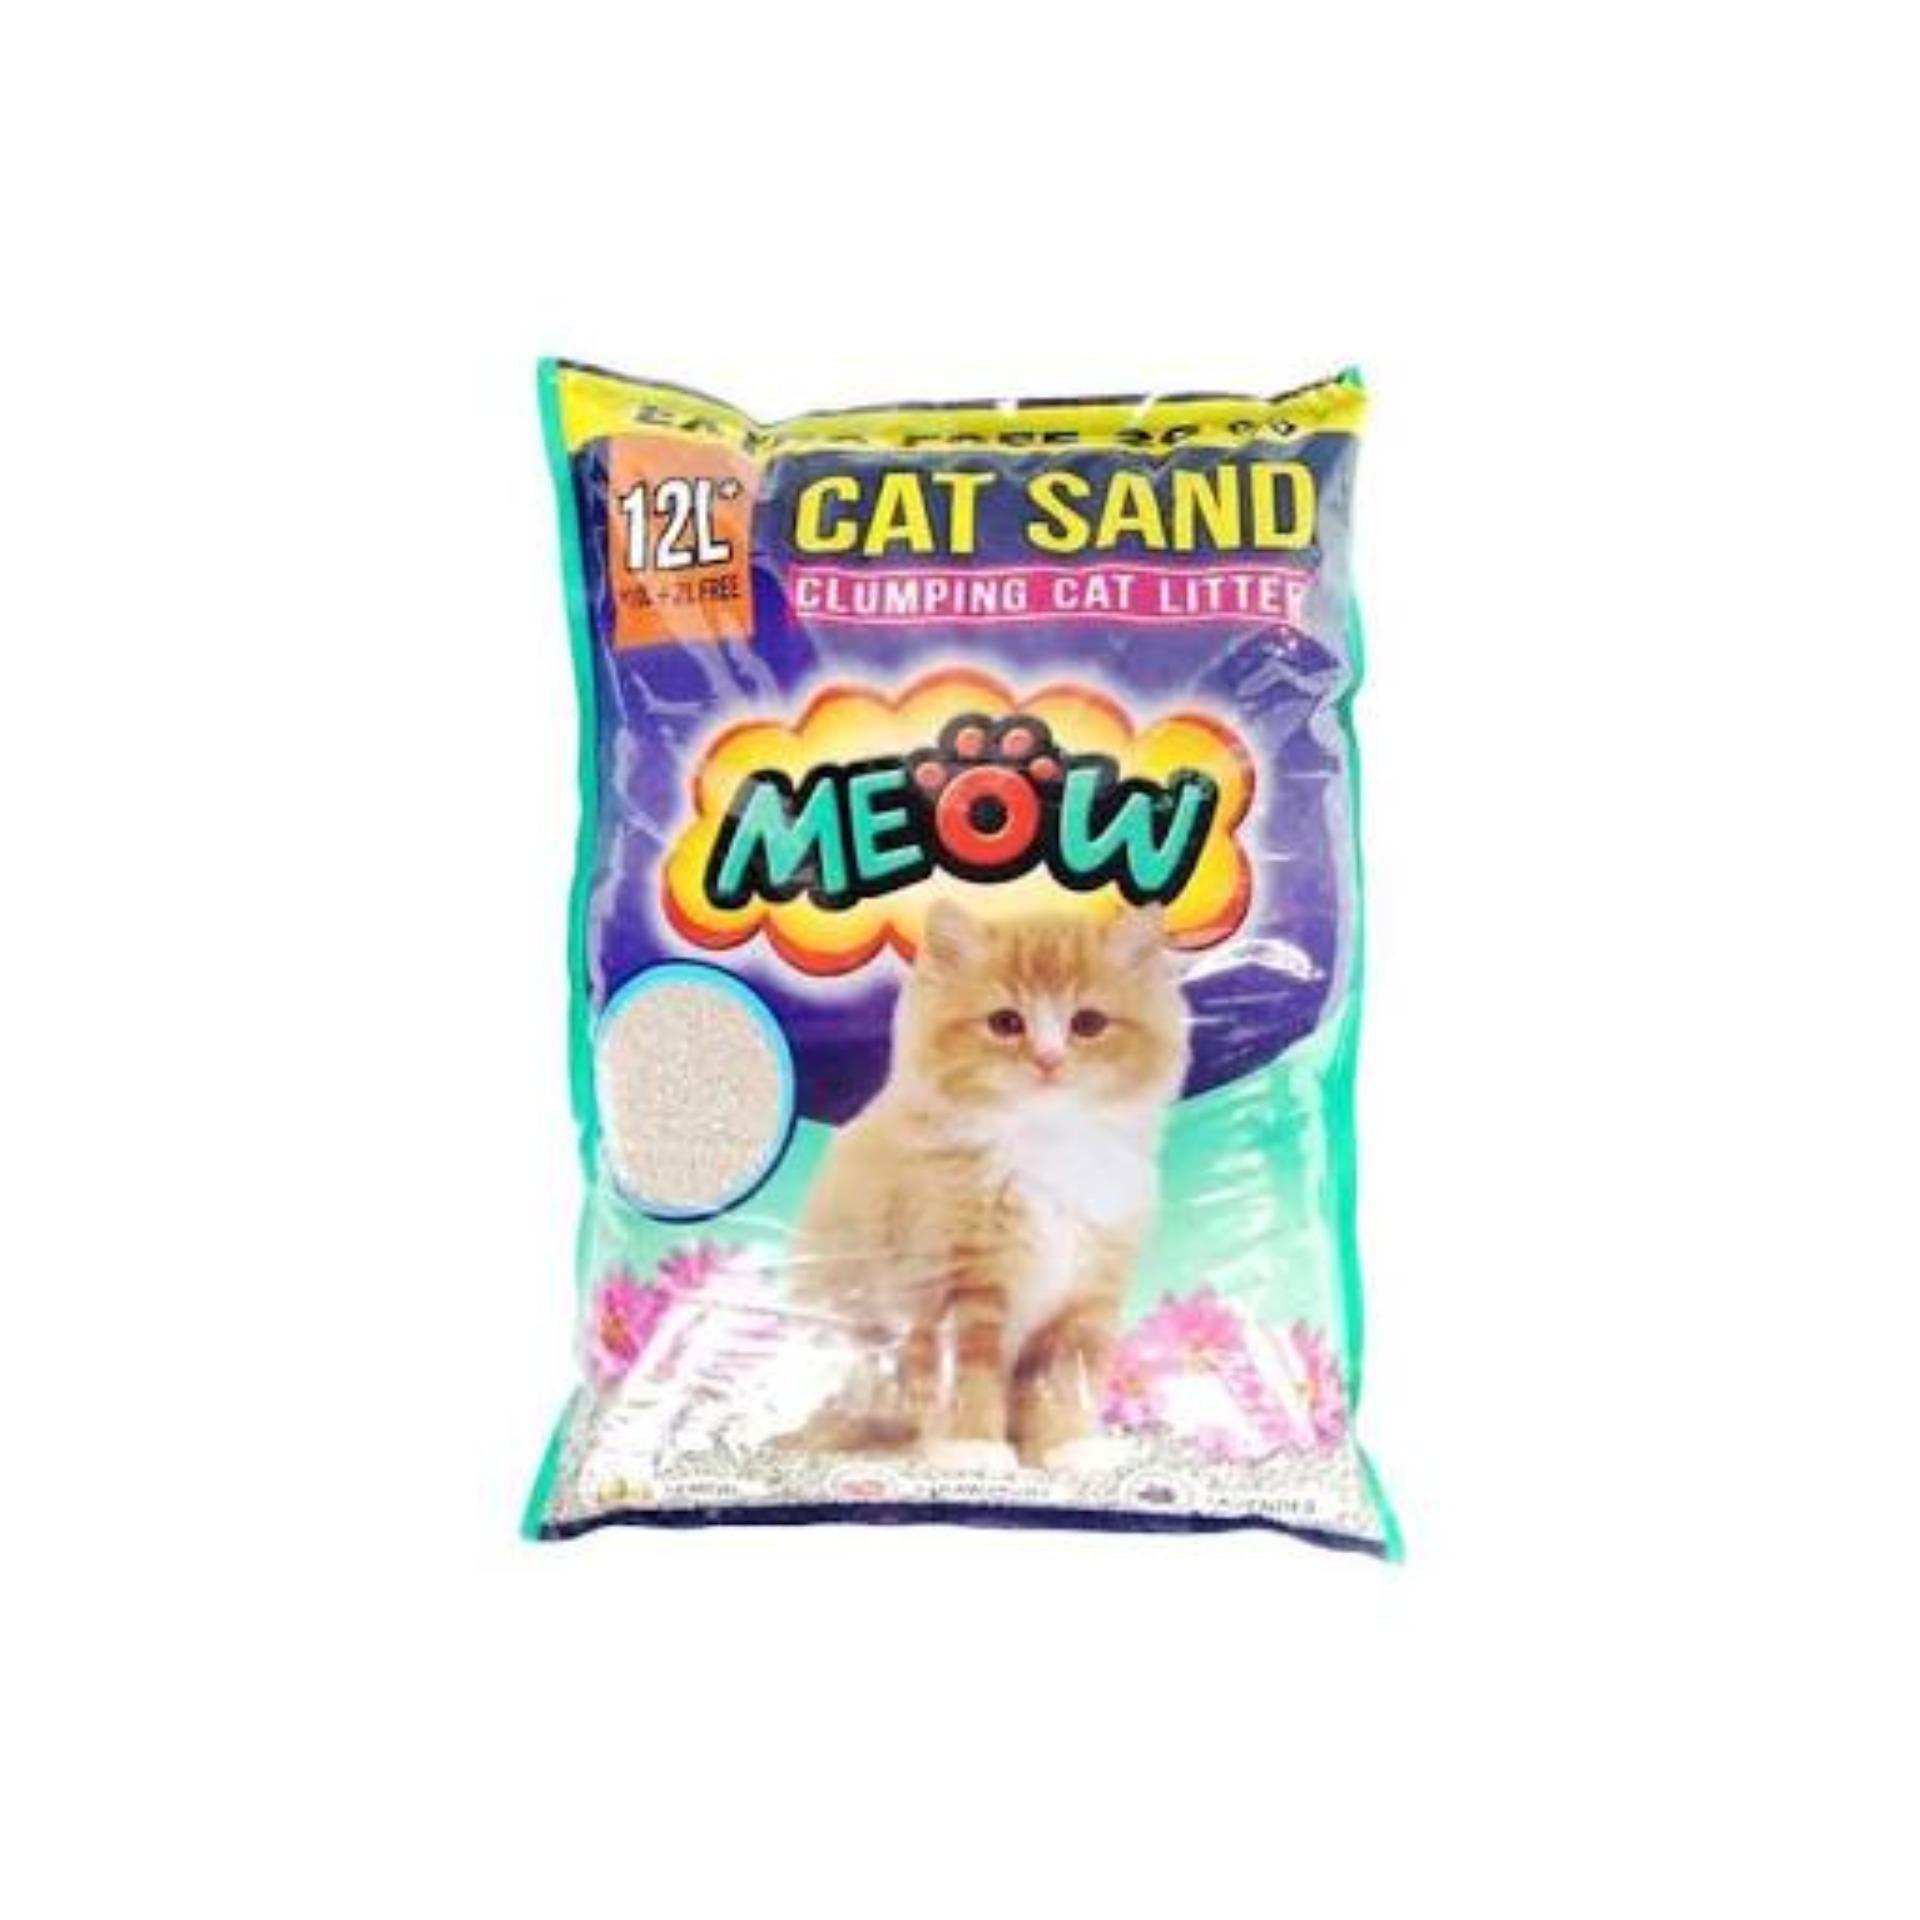 Spesifikasi Pasir Wangi Kucing Gumpal Meow 12 Liter Yg Baik